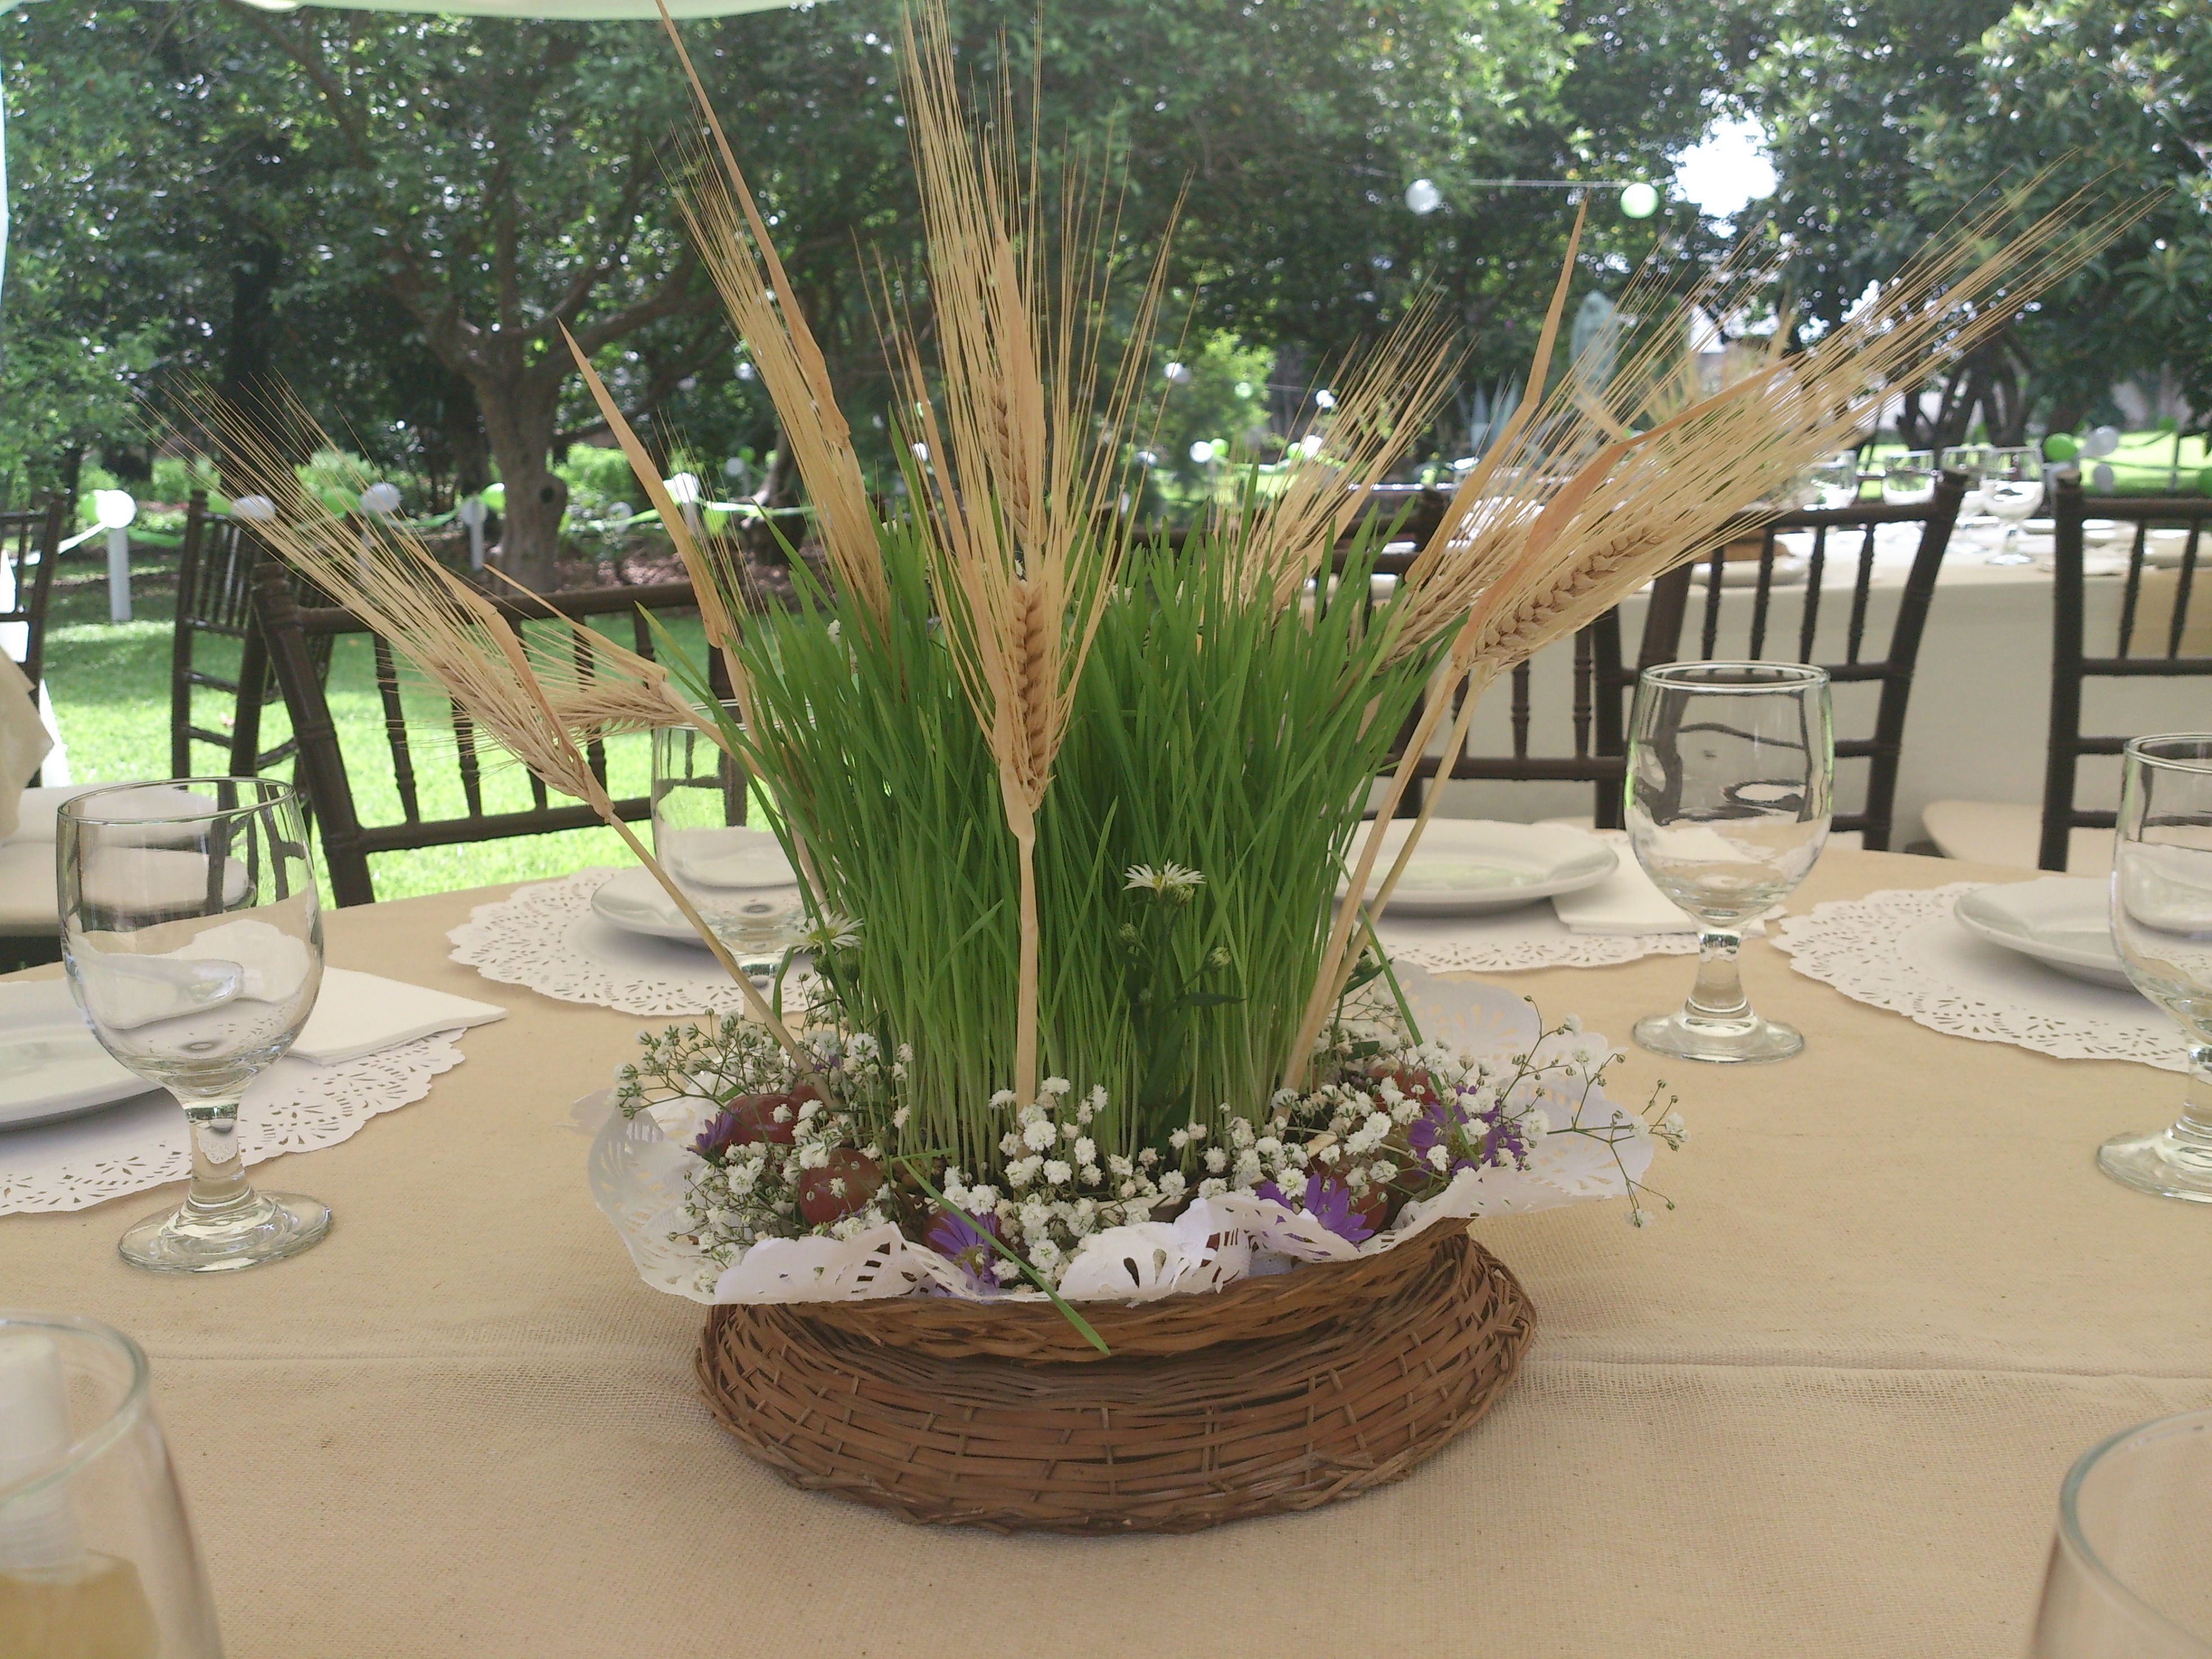 Centros de mesa con uvas germinado y espigas de trigo rustic party pinterest communion - Centros de mesa para primera comunion originales ...